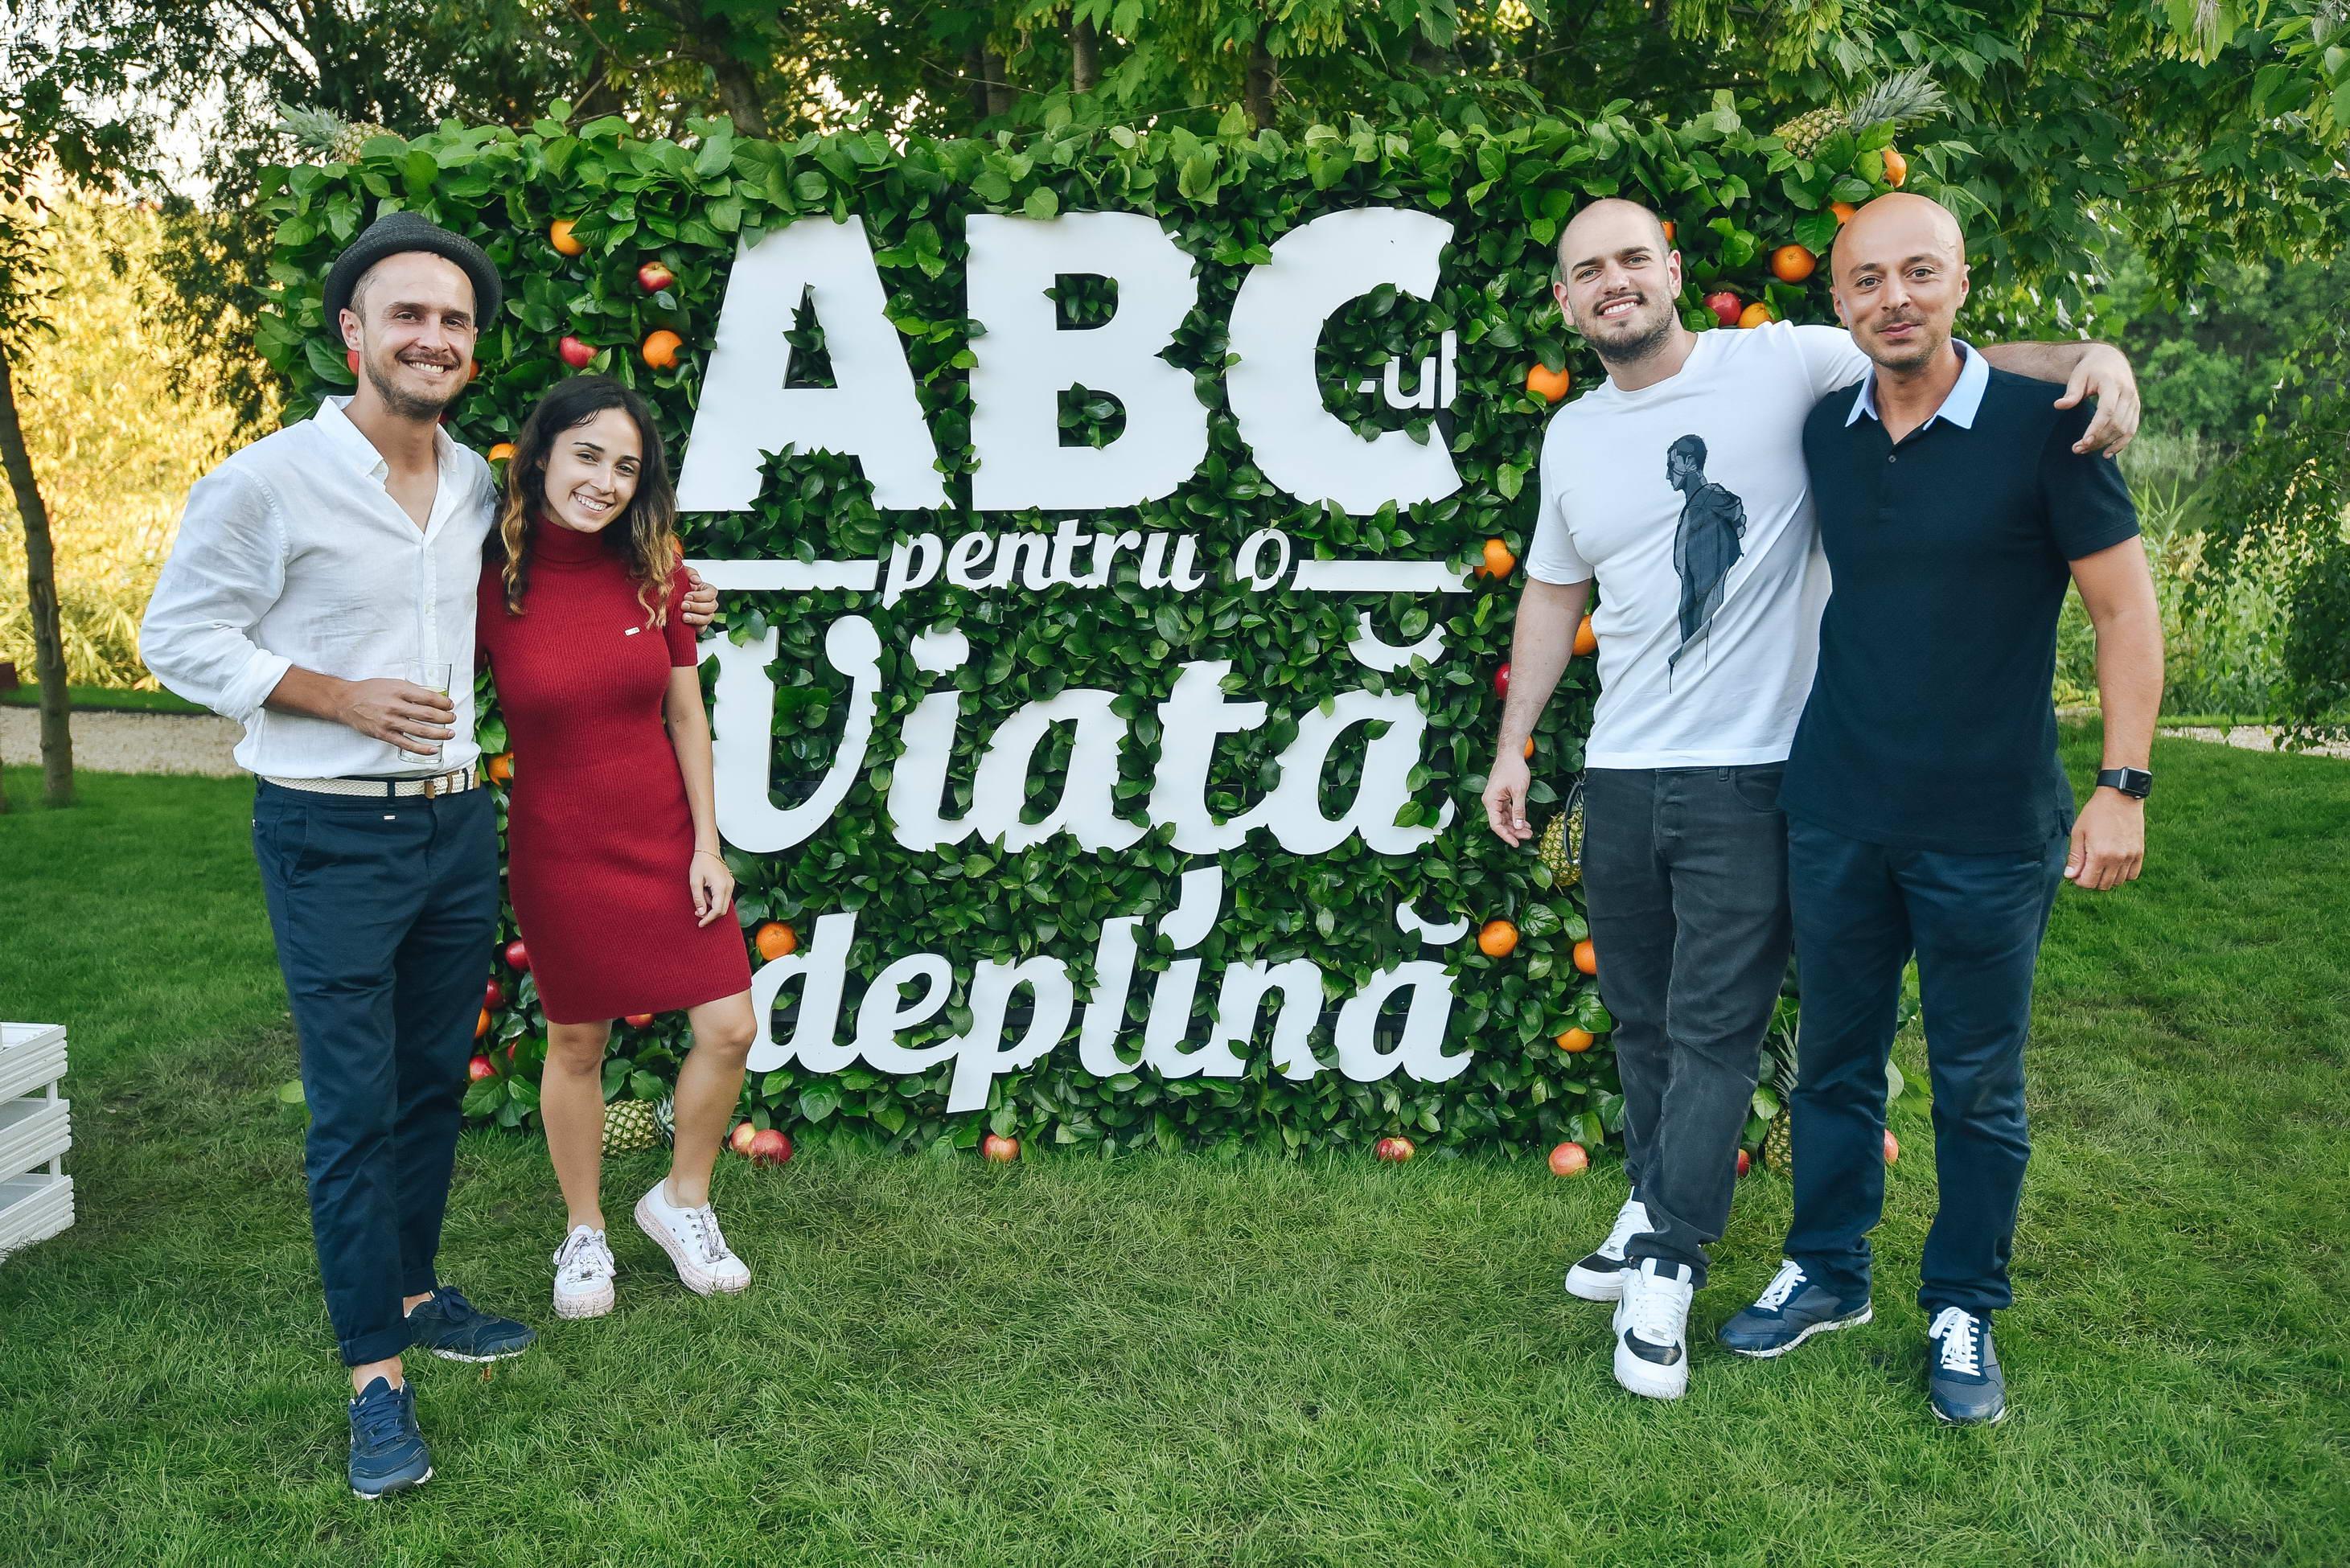 Kaufland invită românii să descopere ABC-ul pentru o viață deplină